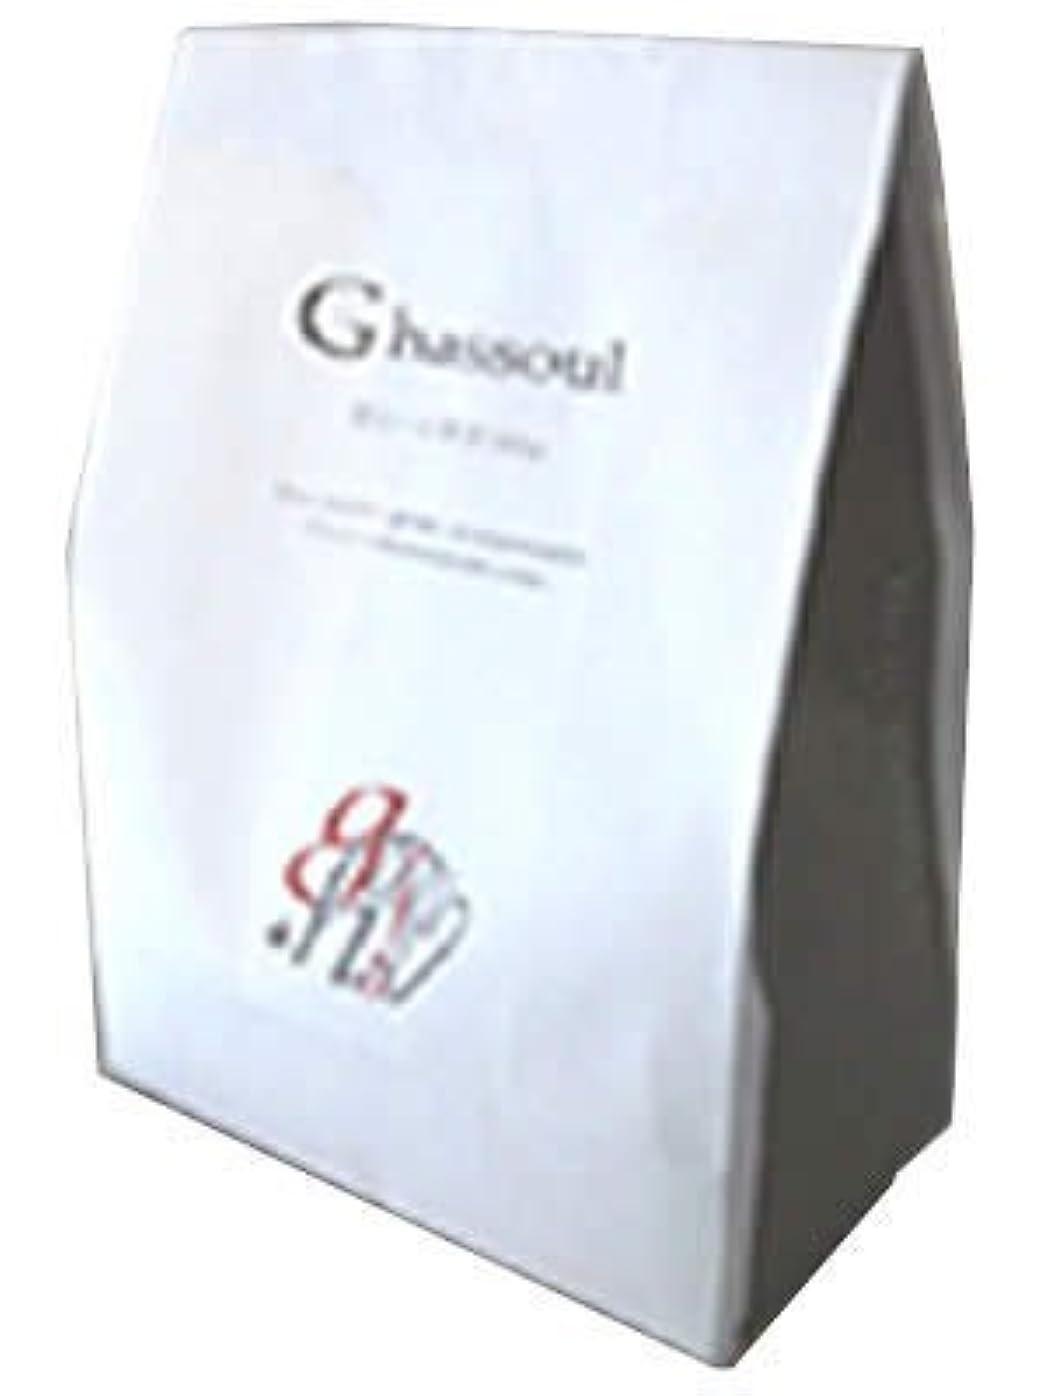 社説ステレオタイプ表現ナイアード ガスール固形(タブレット)タイプ 500g